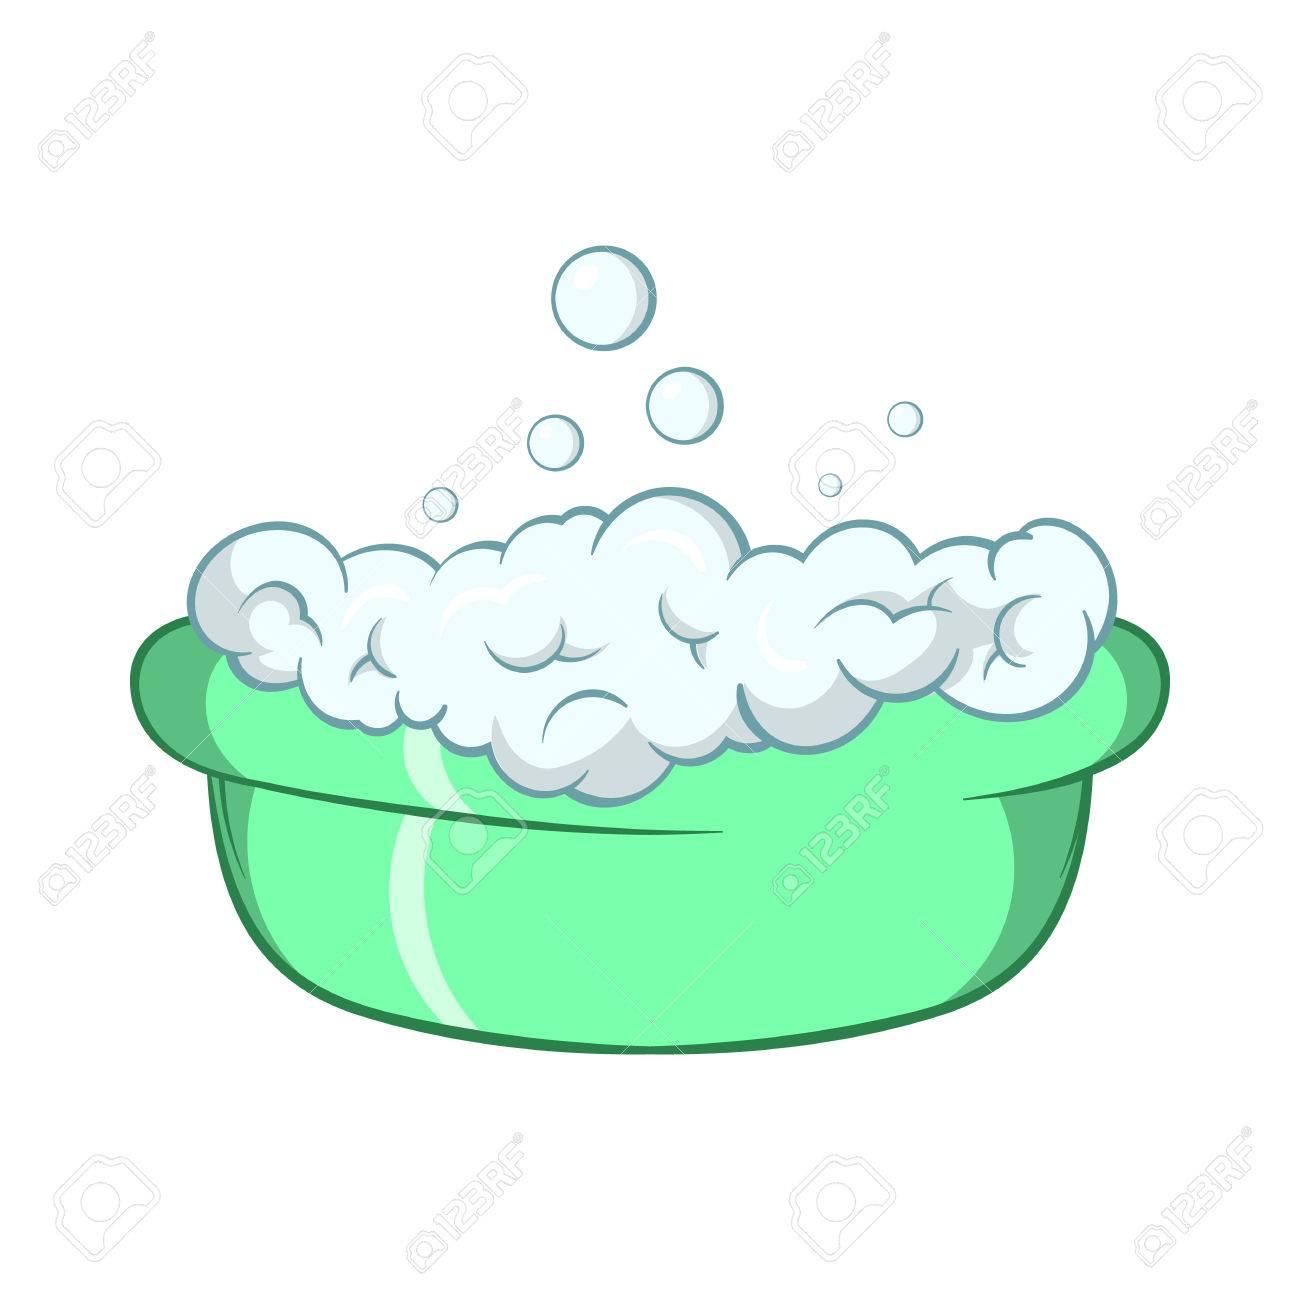 grüne babywanne mit schaum symbol im cartoon-stil auf einem weißen, Hause ideen